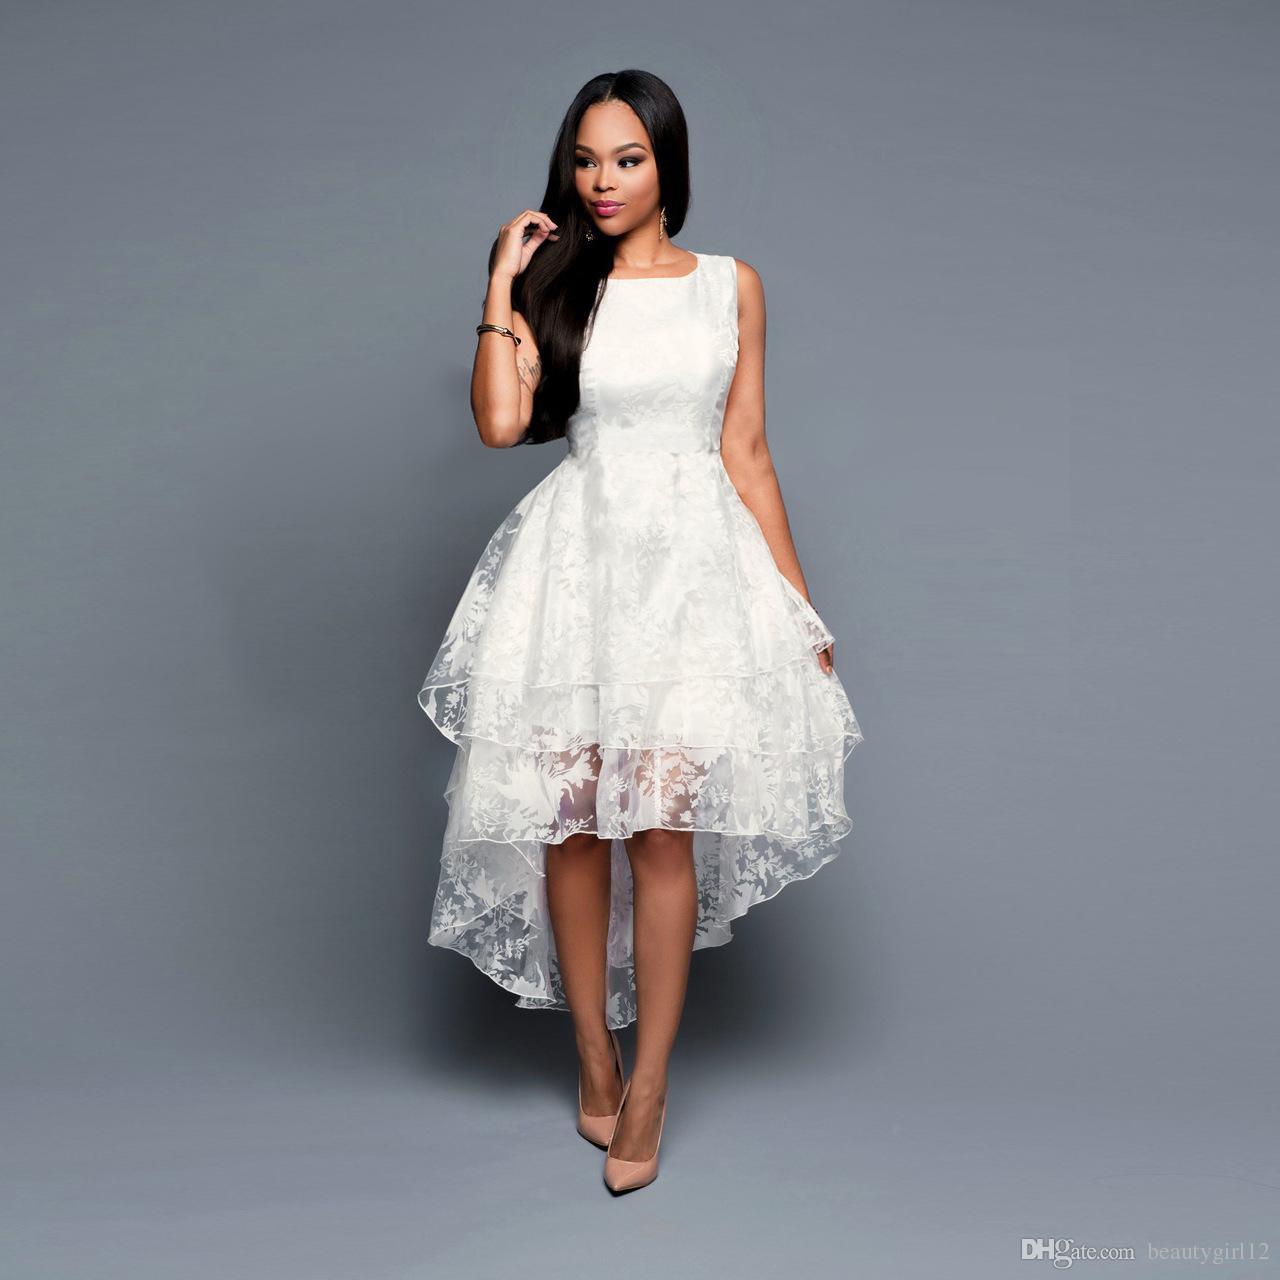 New wedding dresses women sexy party dress white black xxl